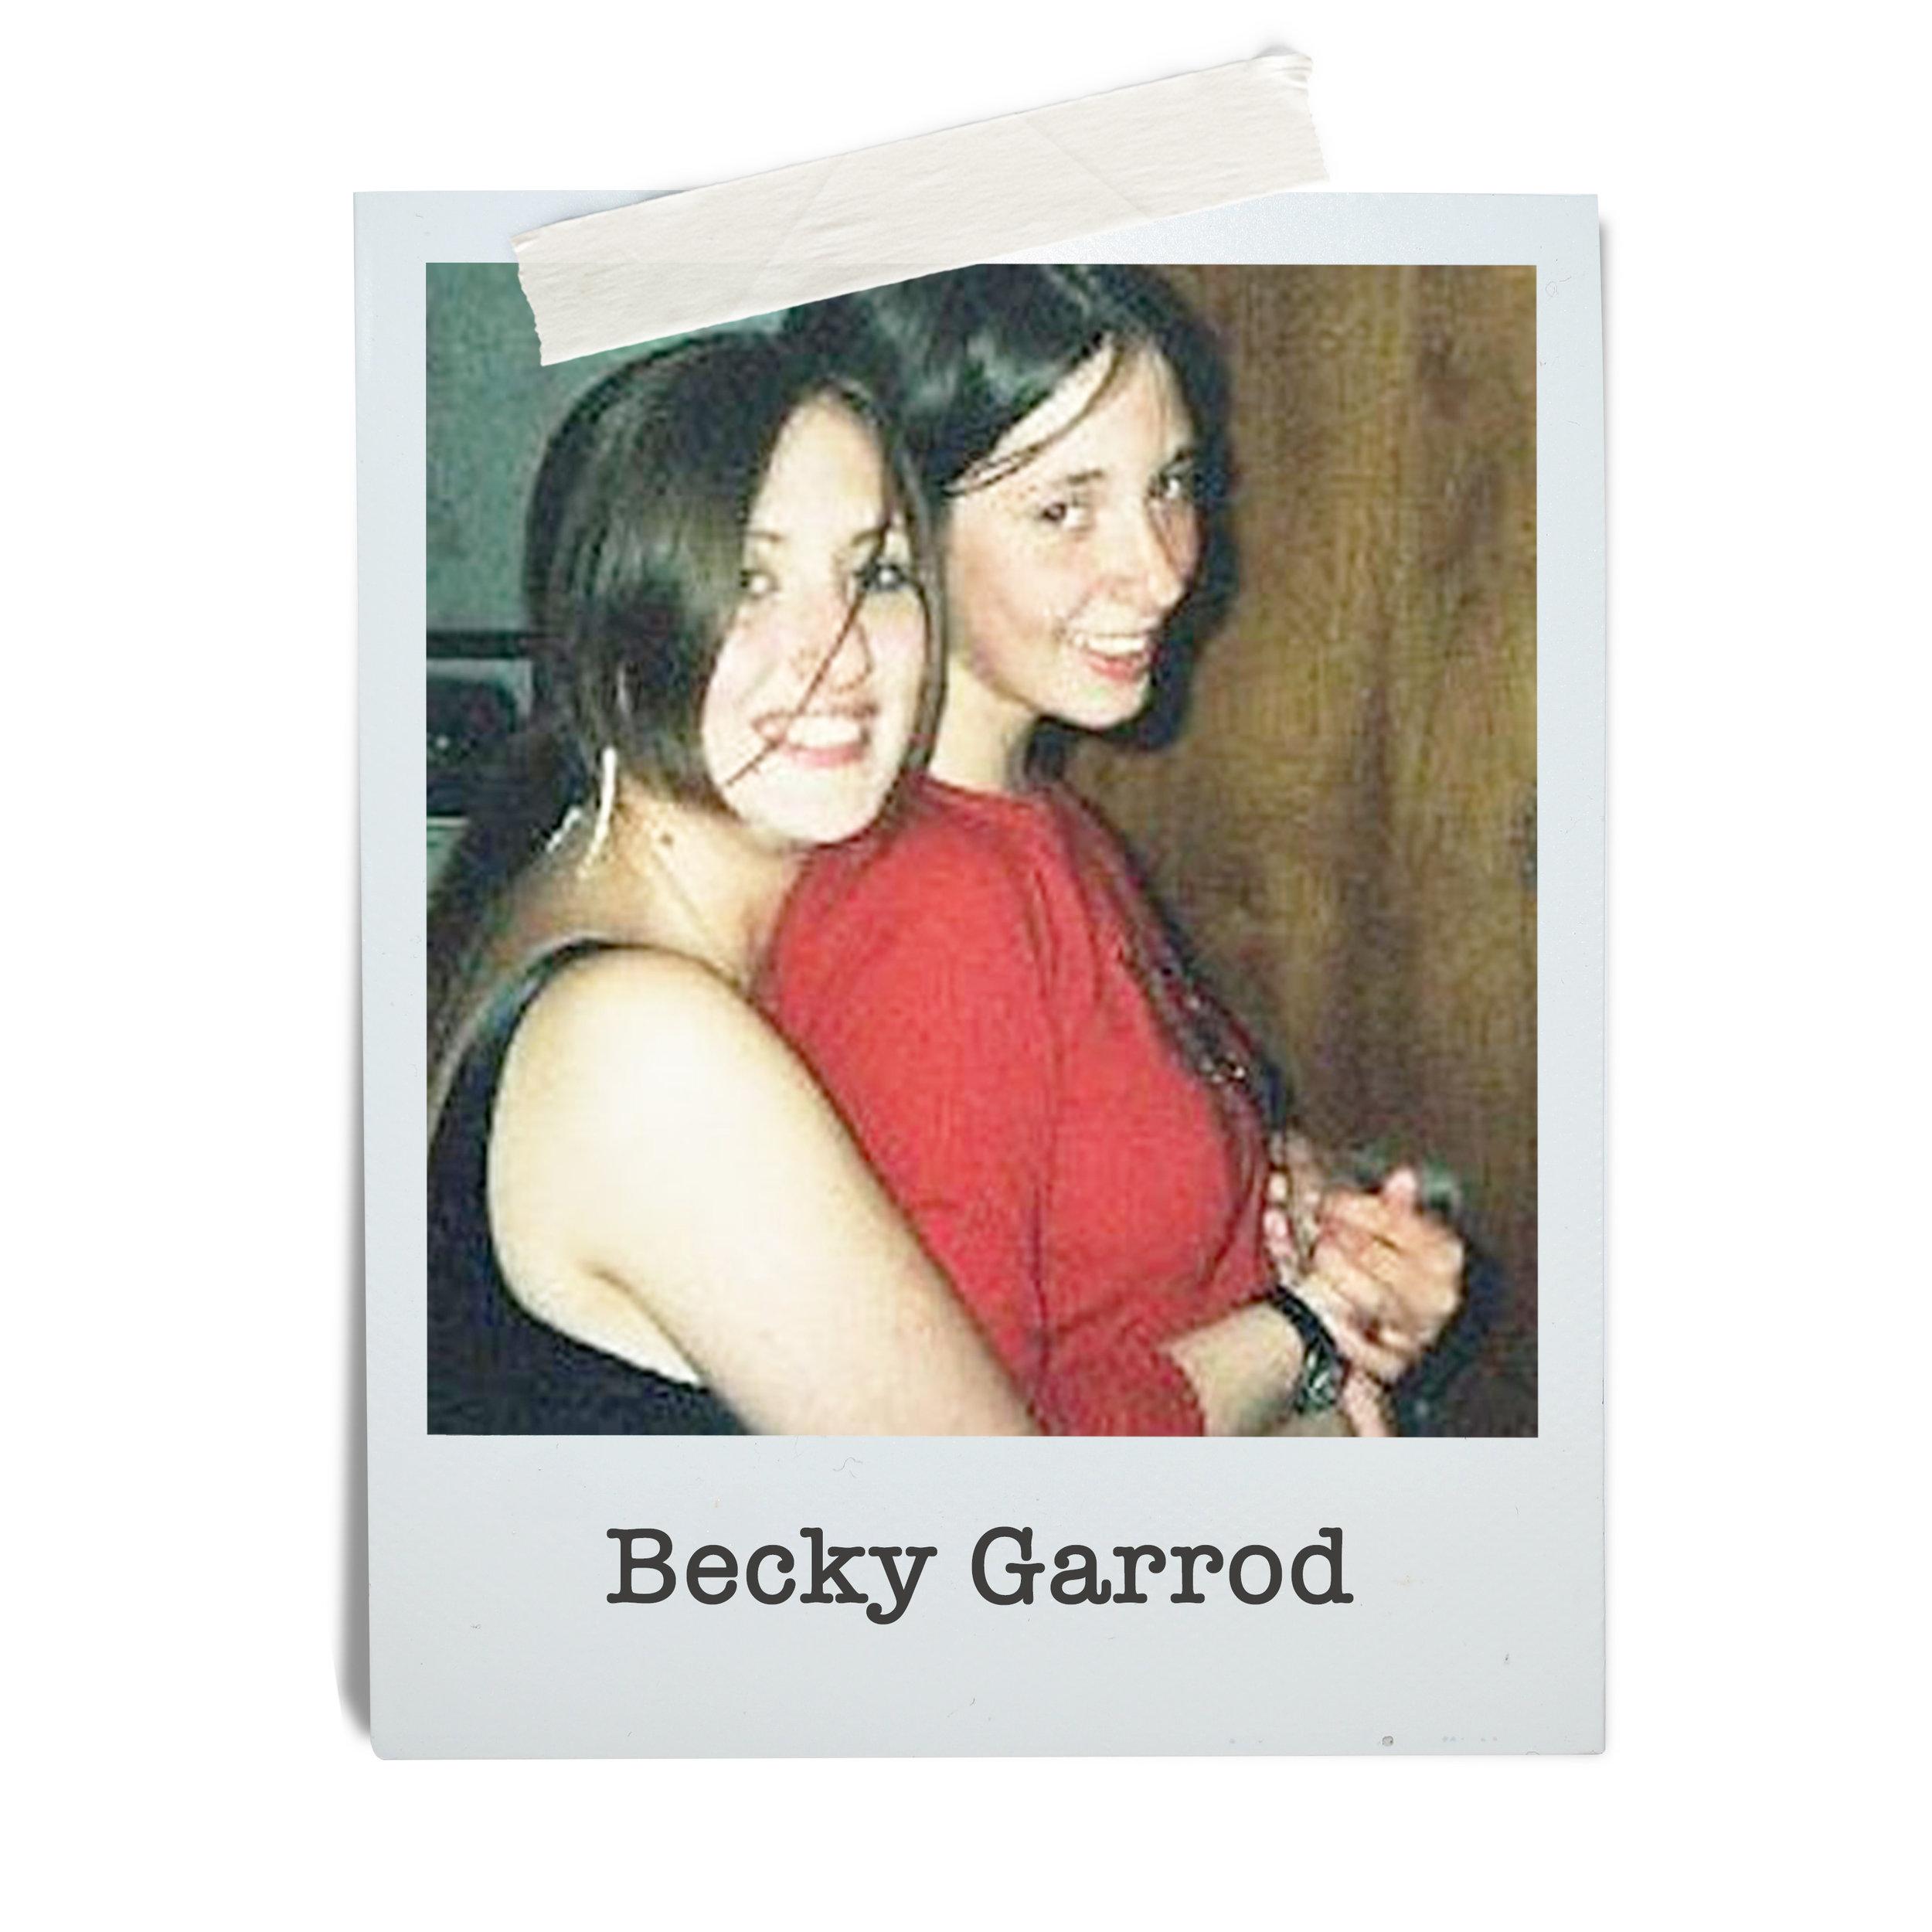 Becky Garrod